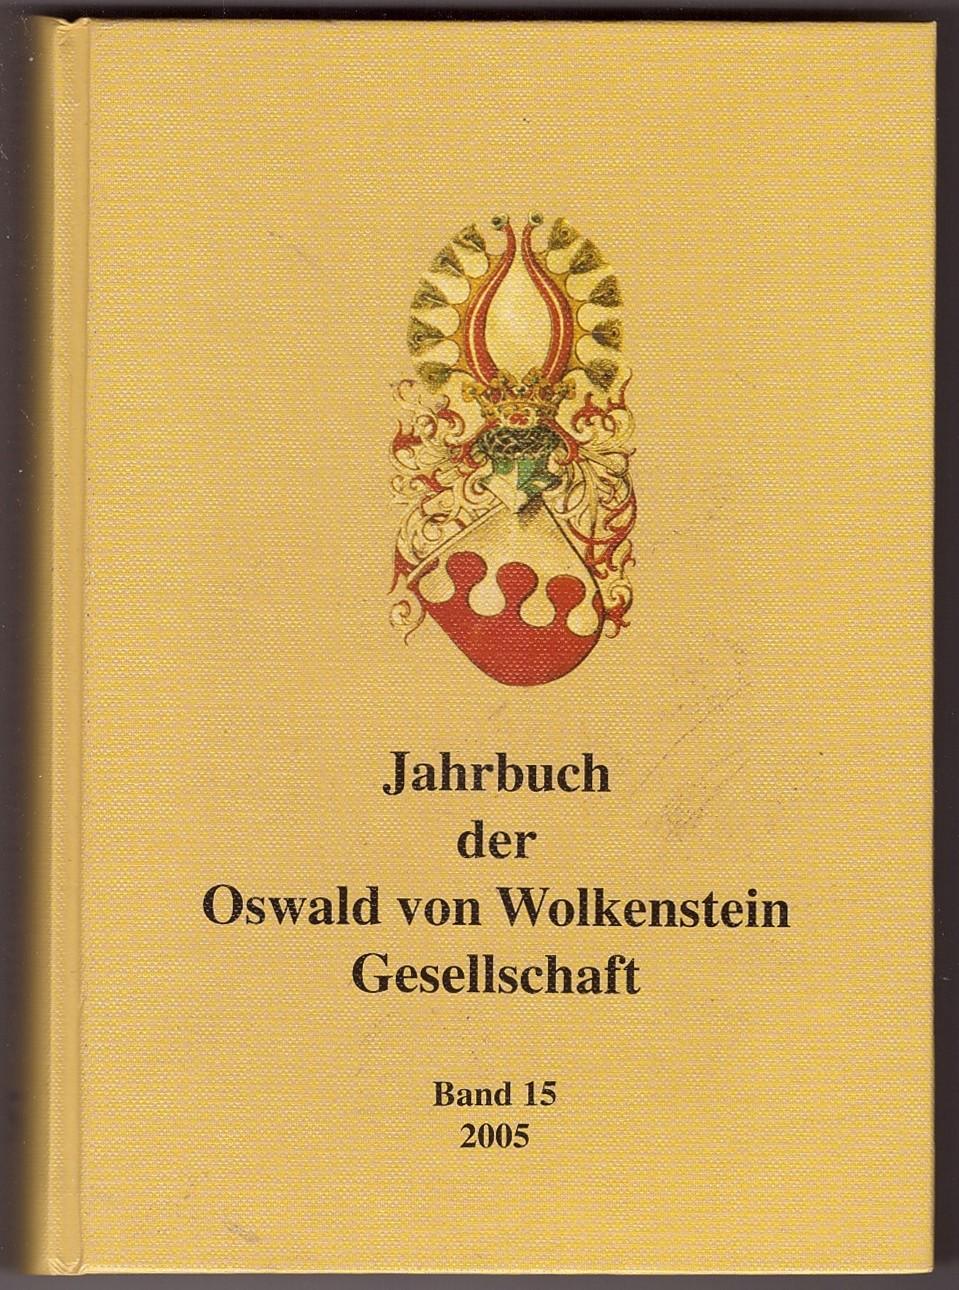 Image for Jahrbuch der Oswald von Wolkenstein Gesellschaft Band 15 2005